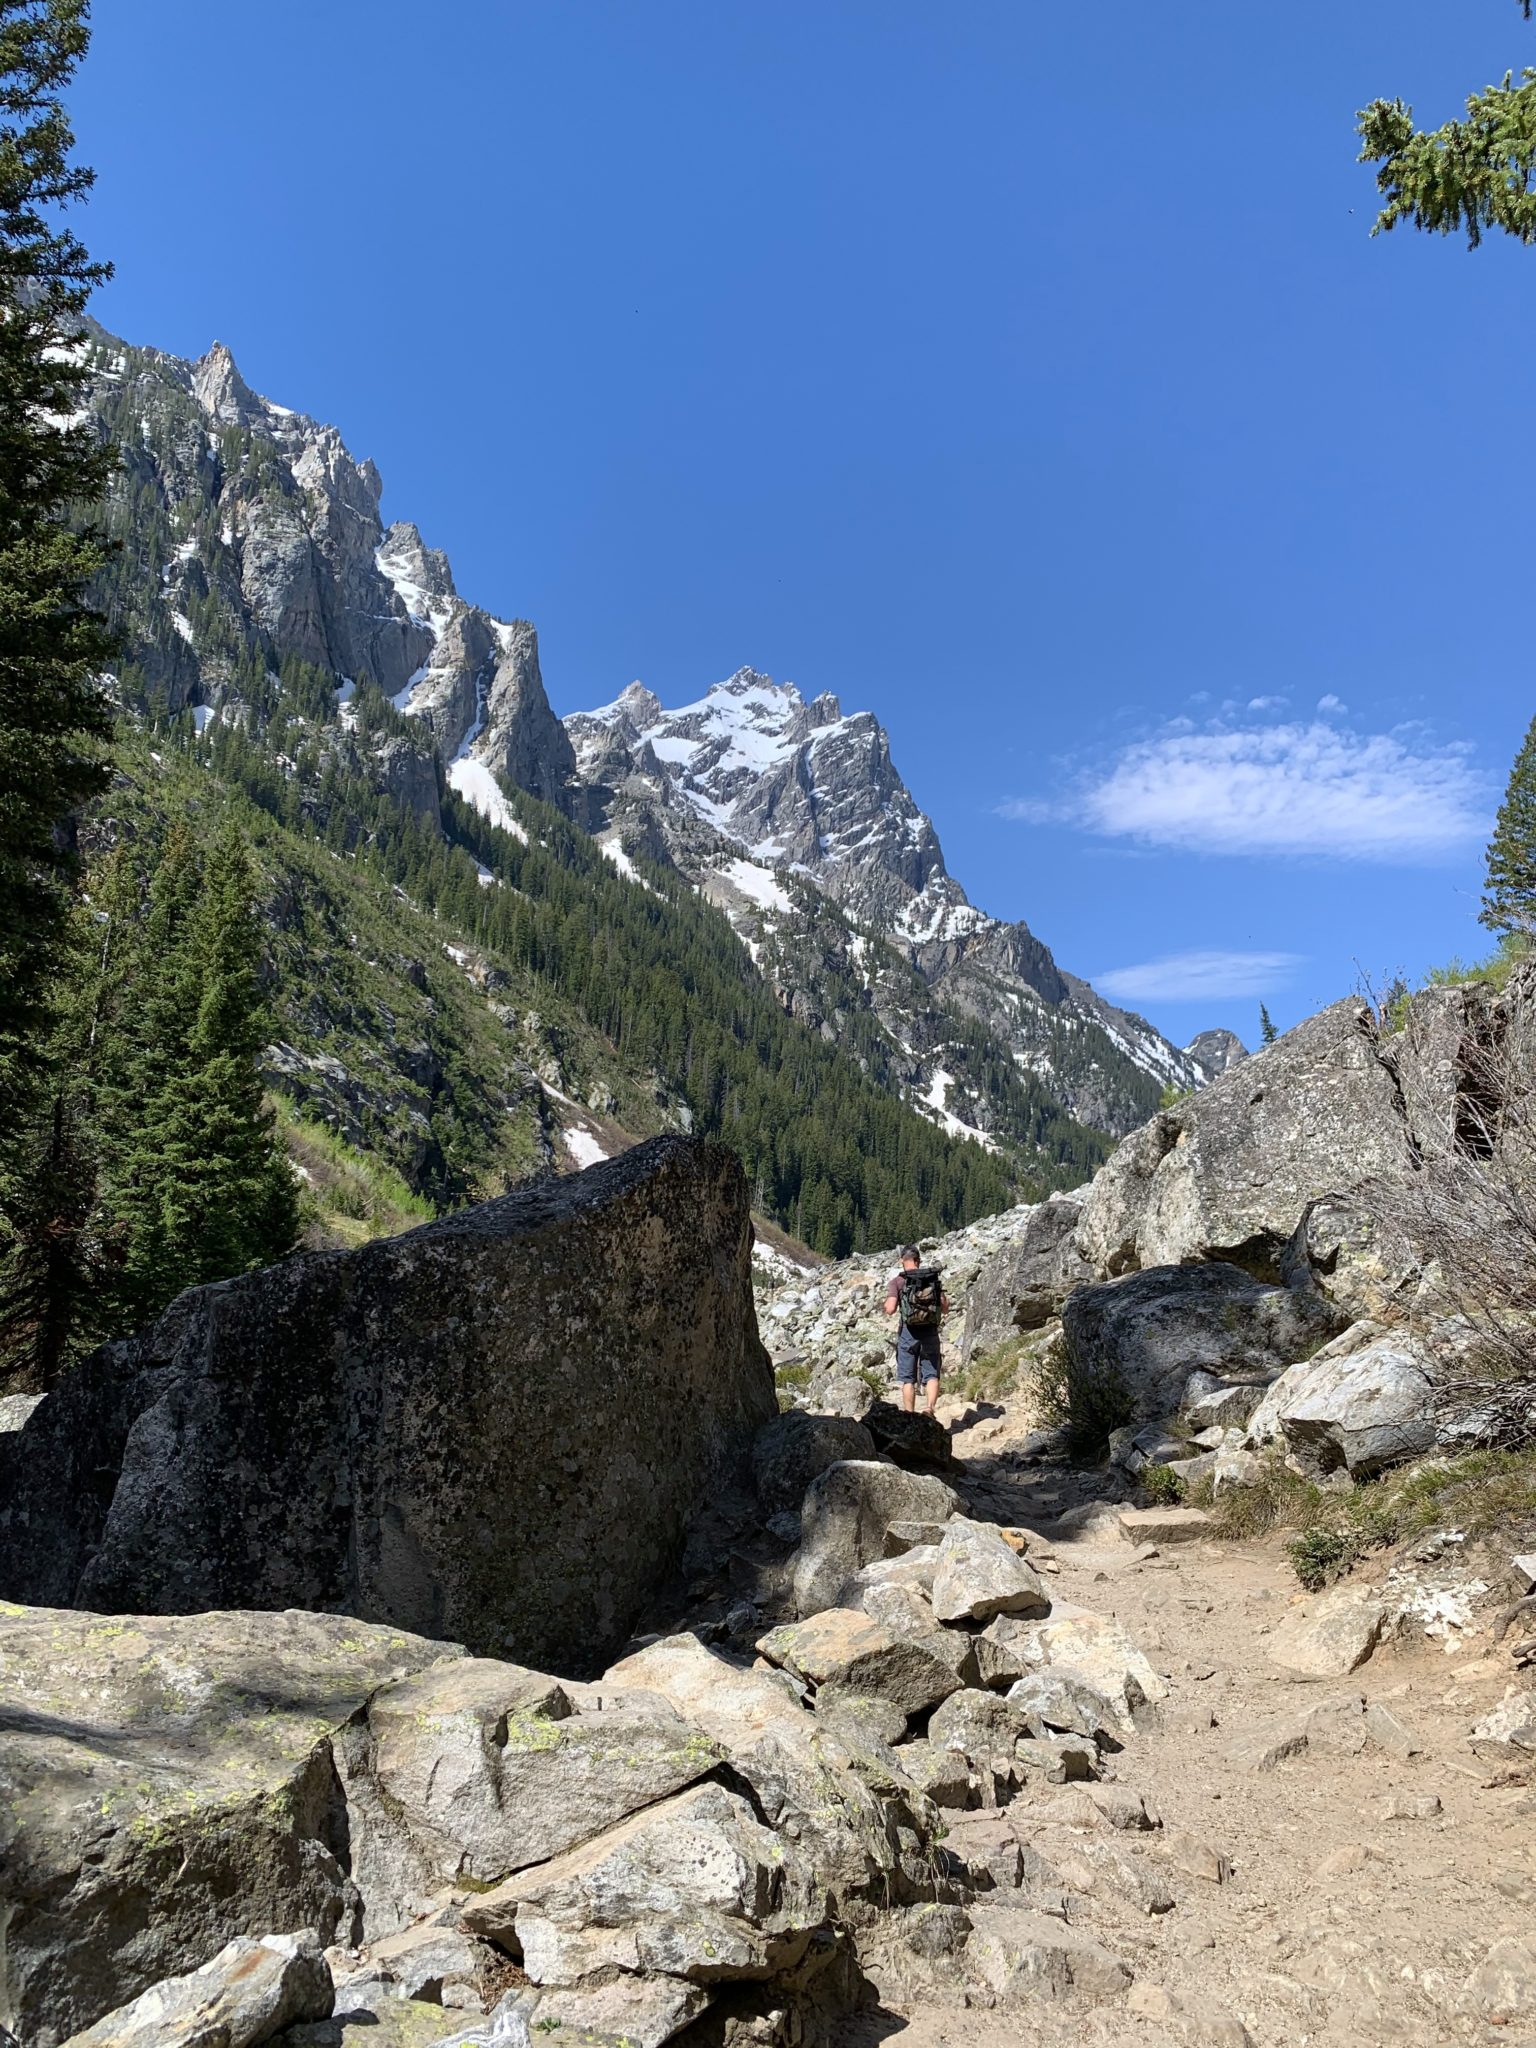 Cascade Canyon Hike in Grand Teton